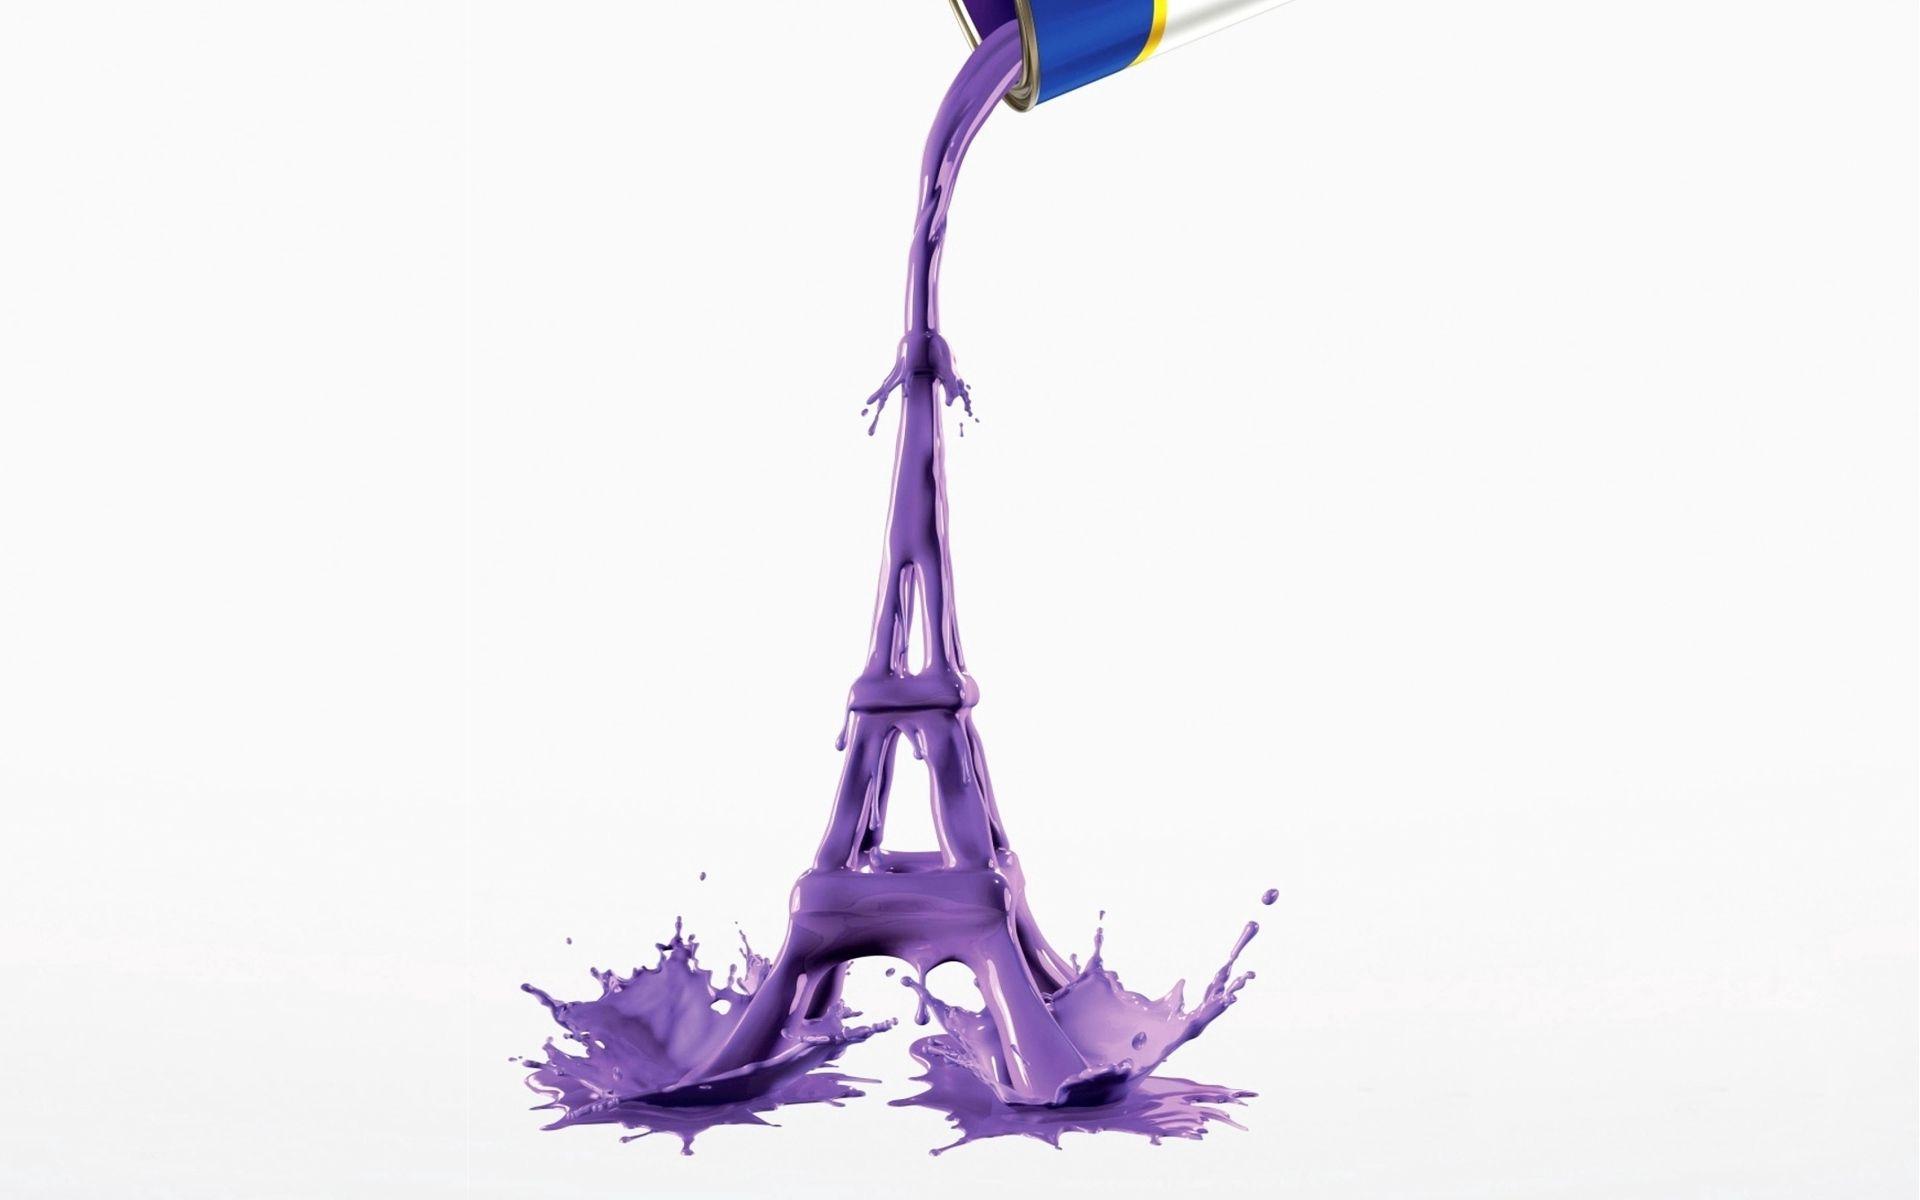 88607 télécharger le fond d'écran Divers, Peindre, Peinture, Chiffre, Figure, Contexte, Tour Eiffel - économiseurs d'écran et images gratuitement